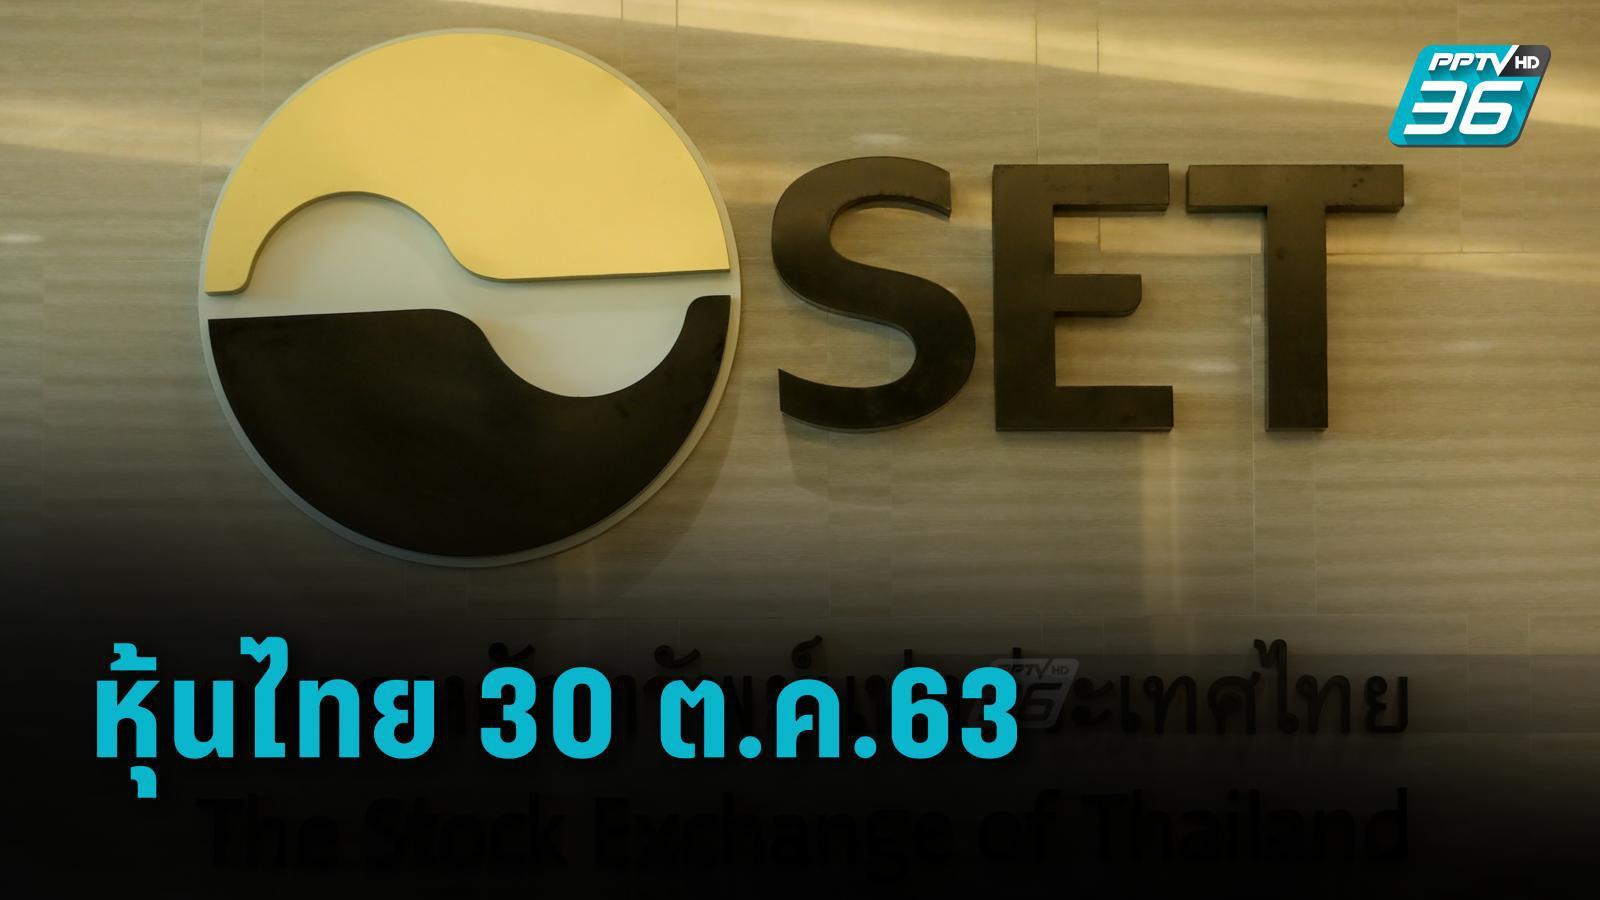 ดัชนีหุ้นไทย 30 ต.ค.63 ปิดการซื้อขายบ่าย 1,194.95 จุด ลดลง 6.69 จุด